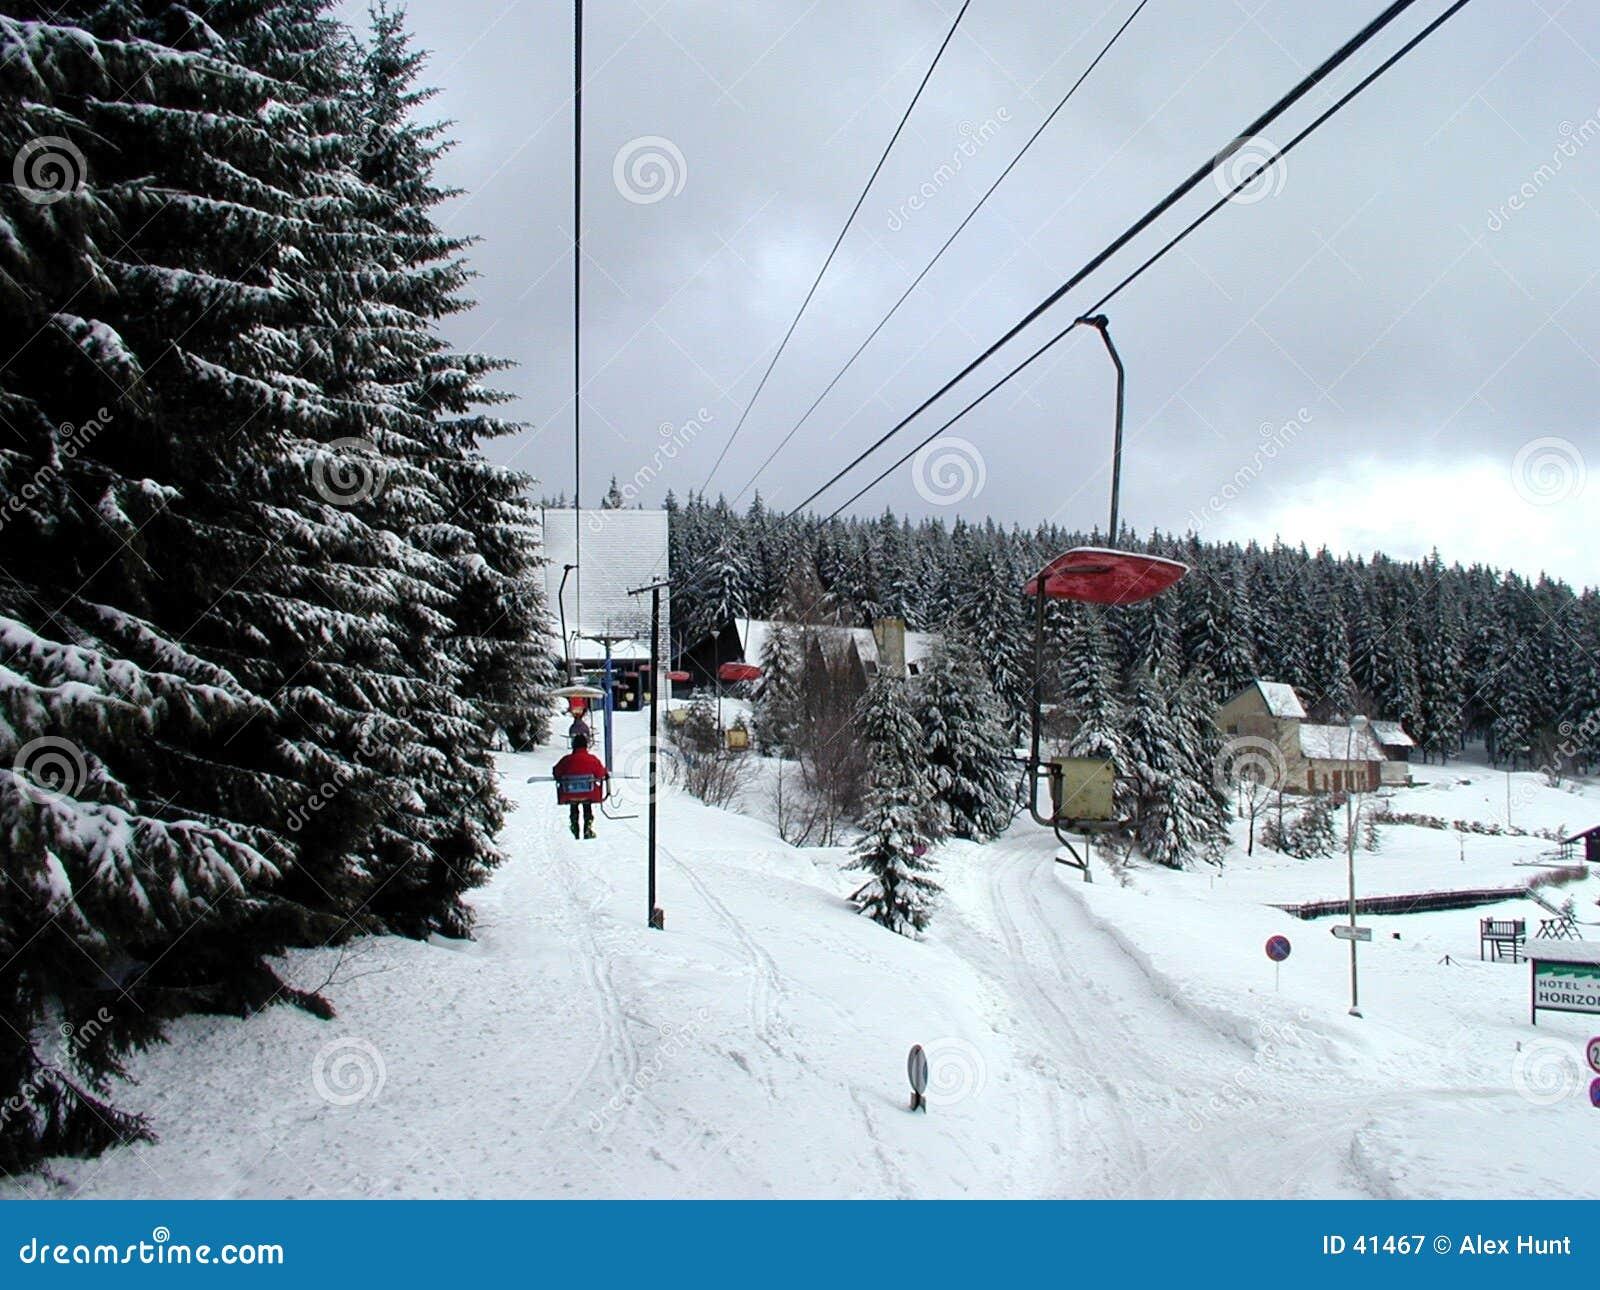 Download Elevación de esquí imagen de archivo. Imagen de camino, árboles - 41467